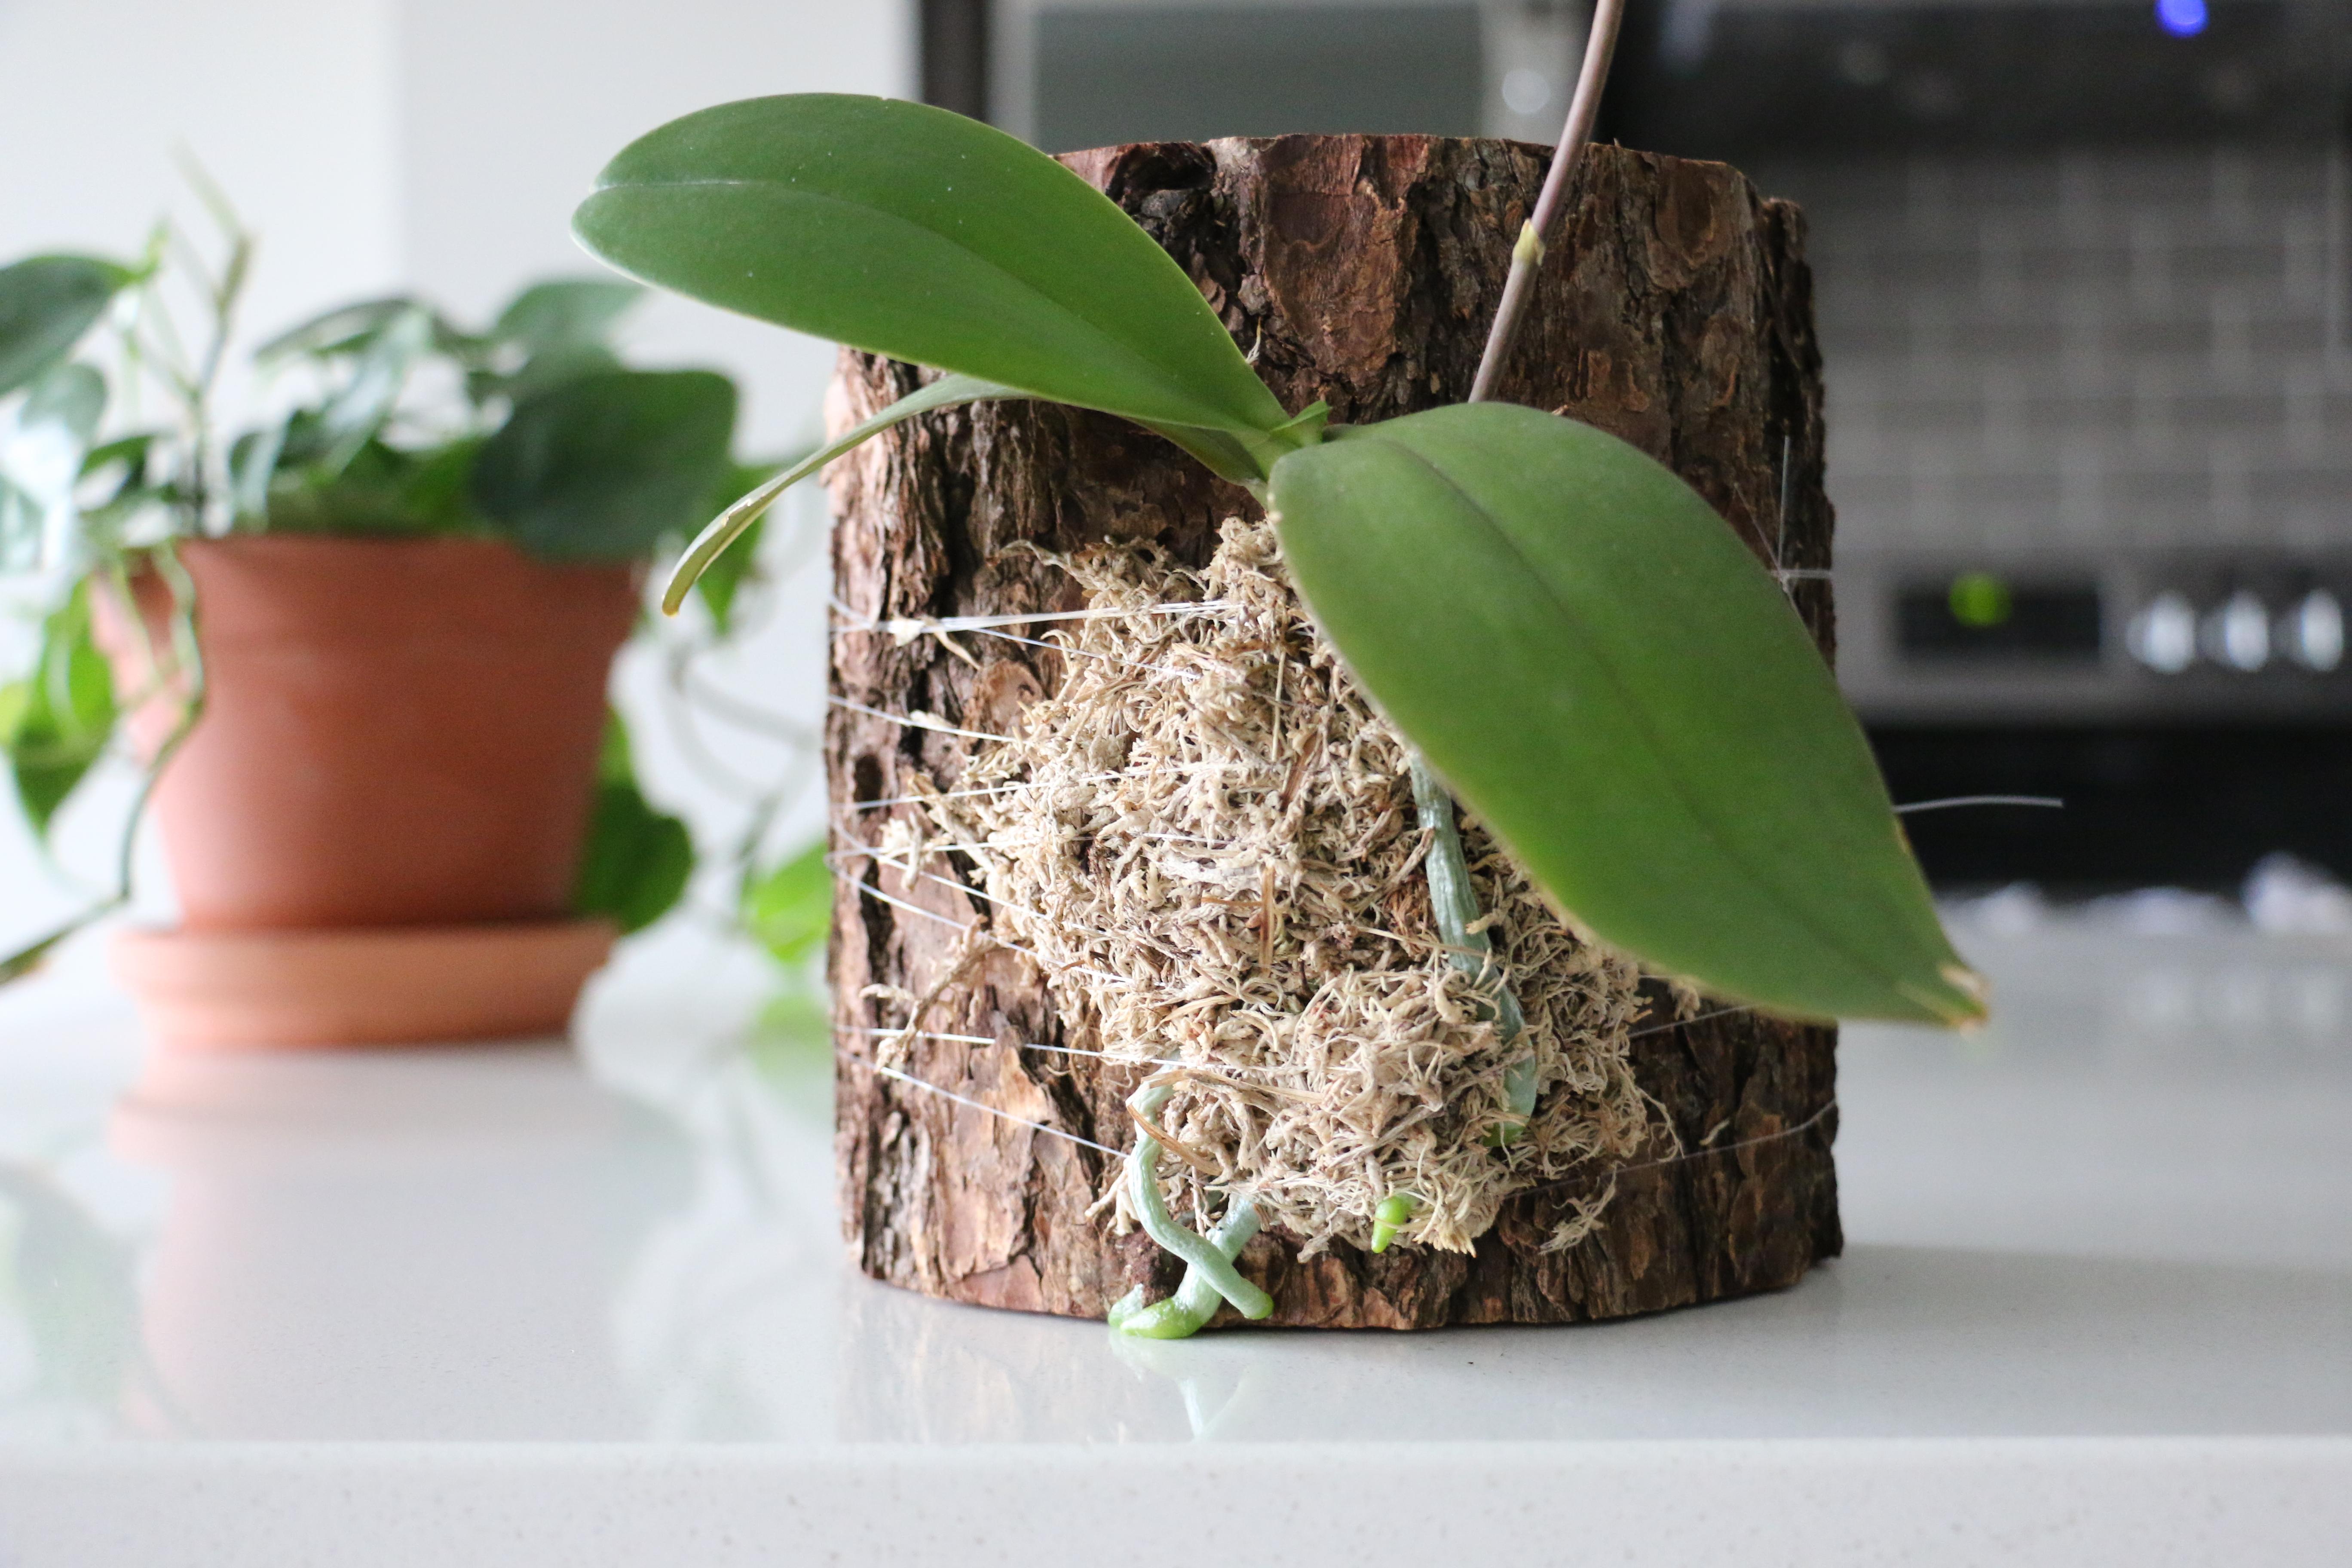 Как правильно пересадить орхидею. Пересаживаем орхидею